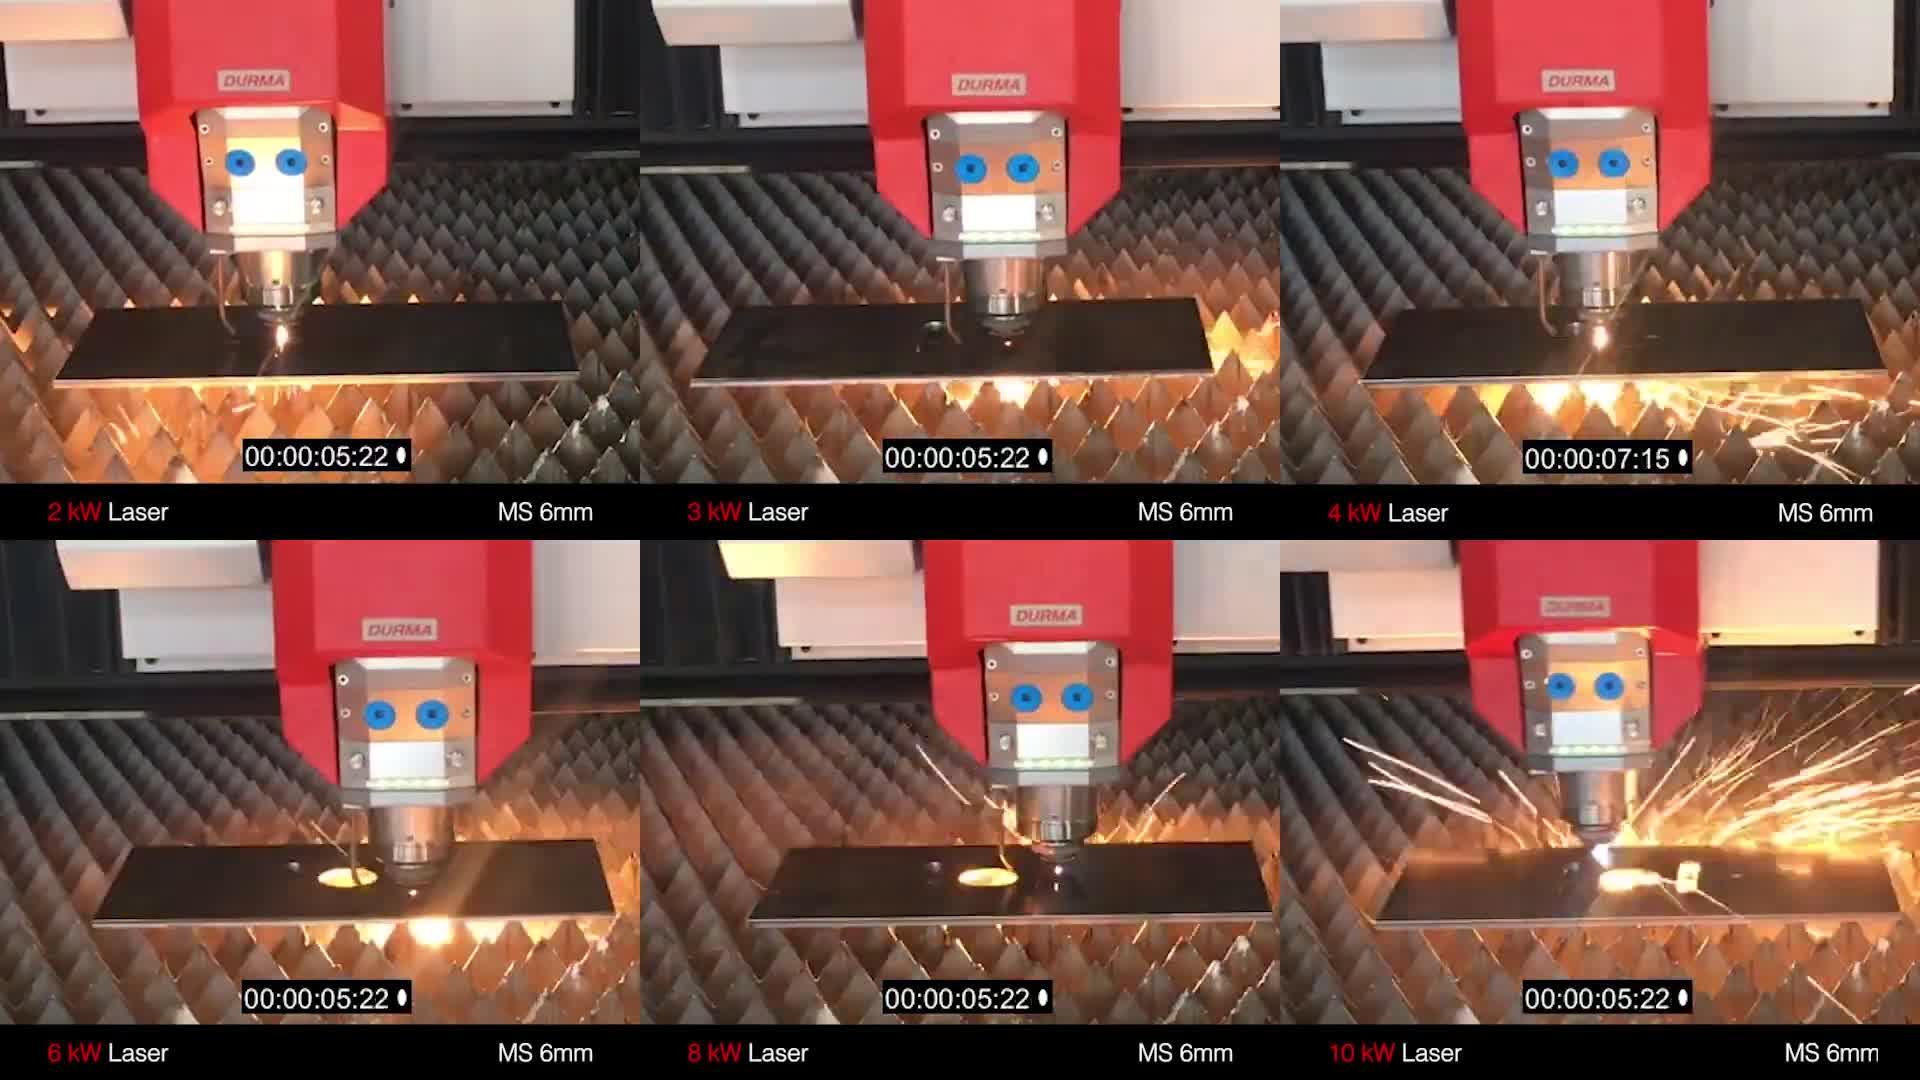 Durma Laserschneidanlagen 2 kW bis 10 kW | Vergleich